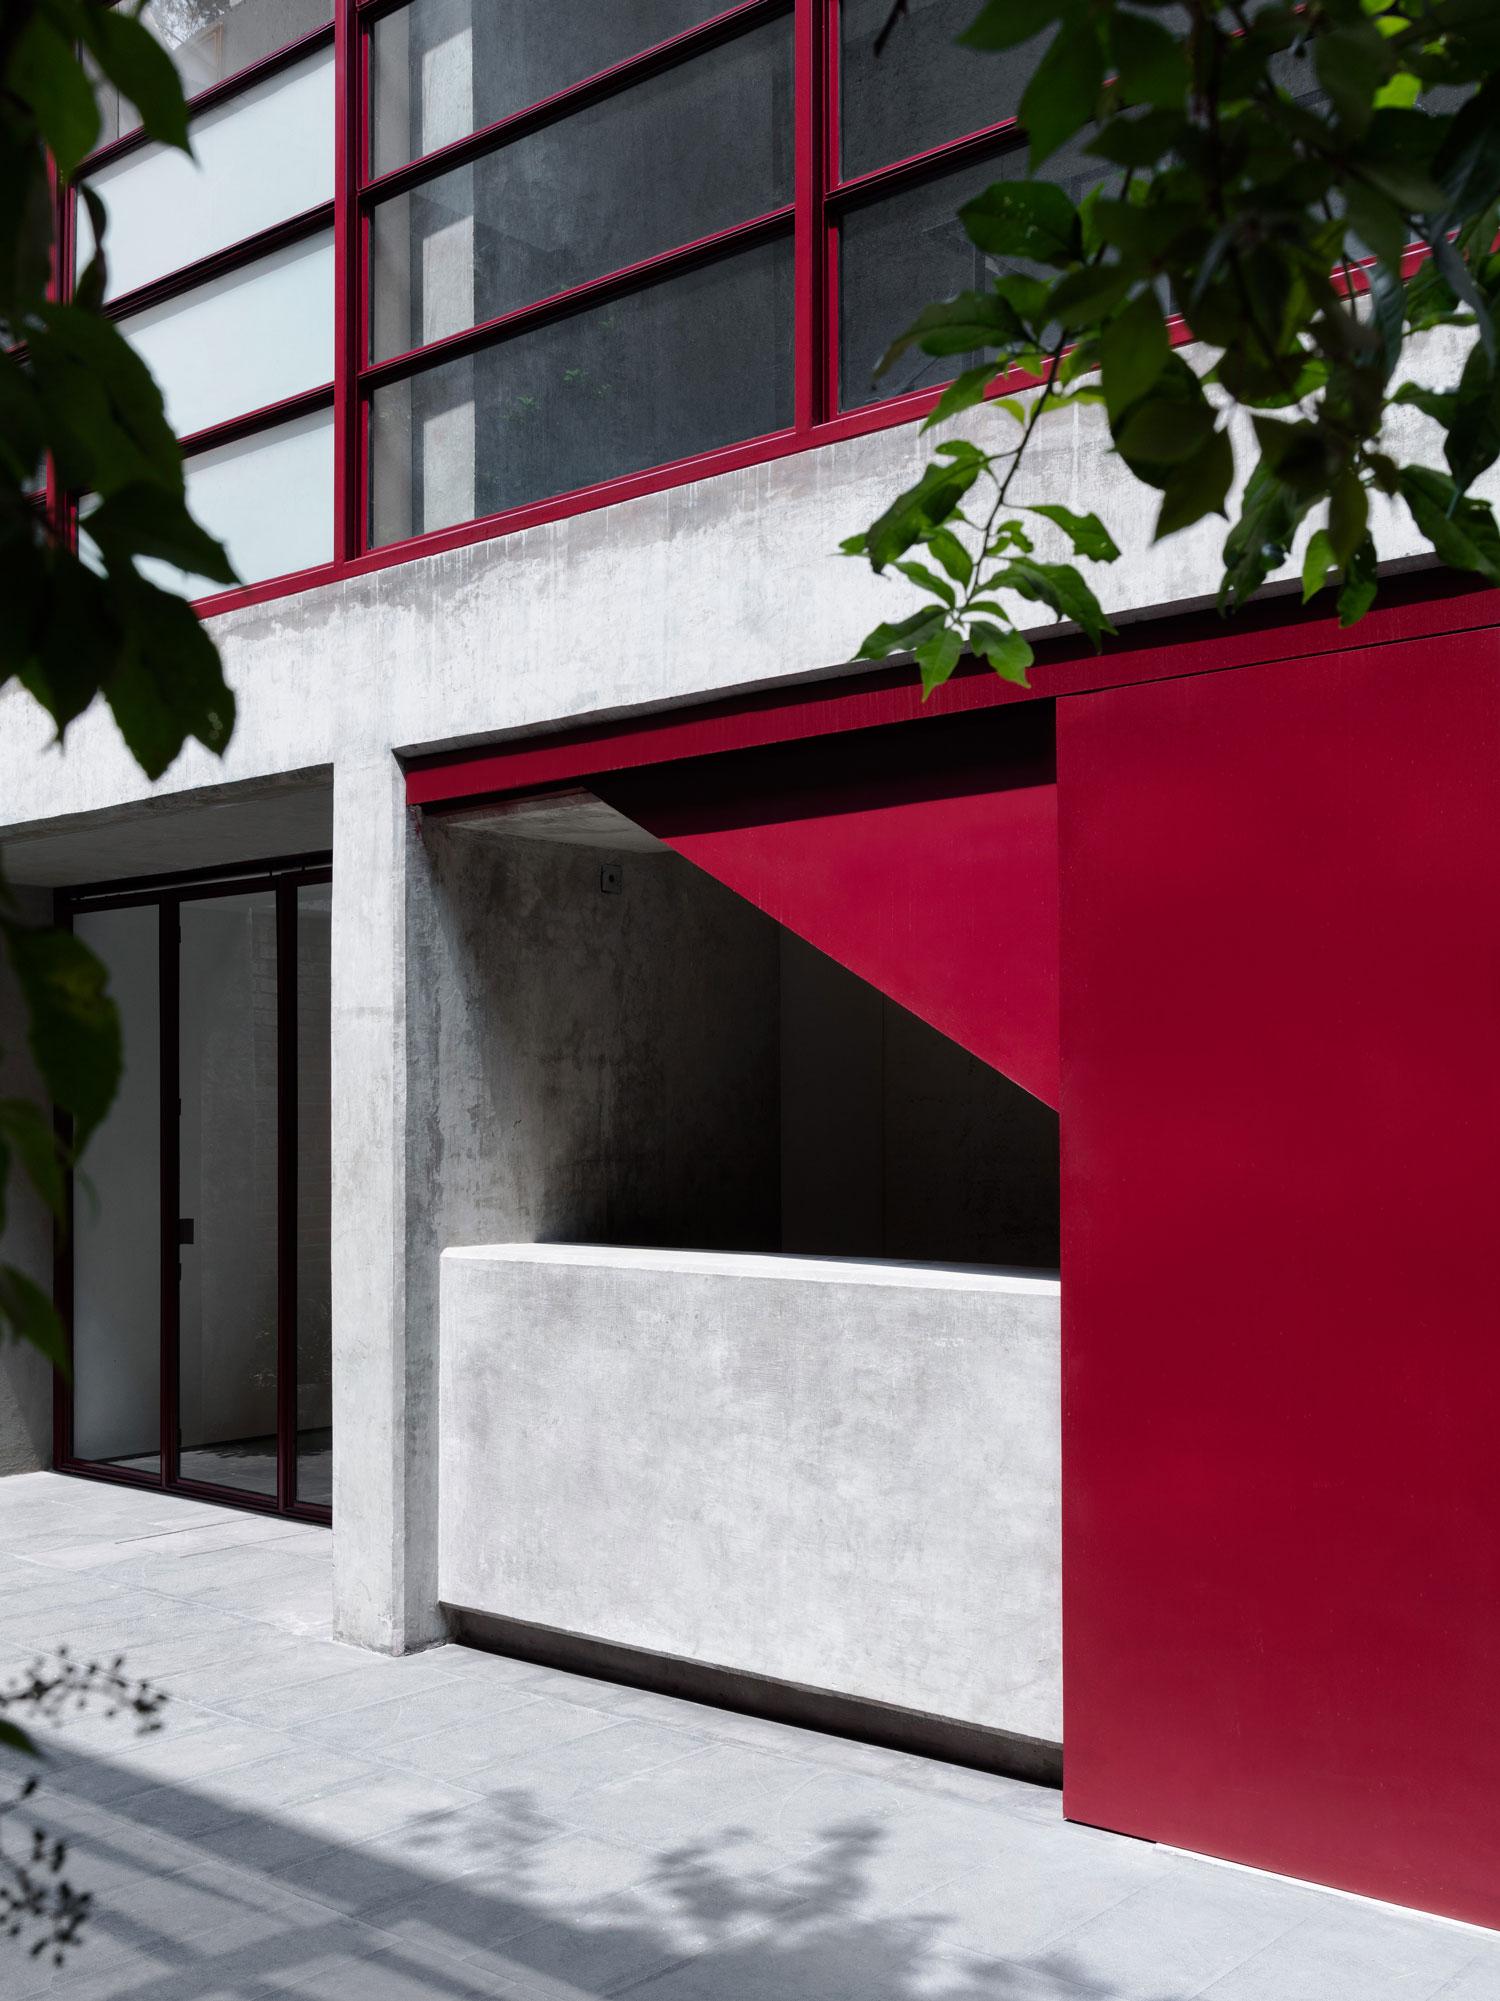 Galería OMR in Mexico City by Mateo Riestra, José Arnaud-Bello & Max von Werz | Yellowtrace